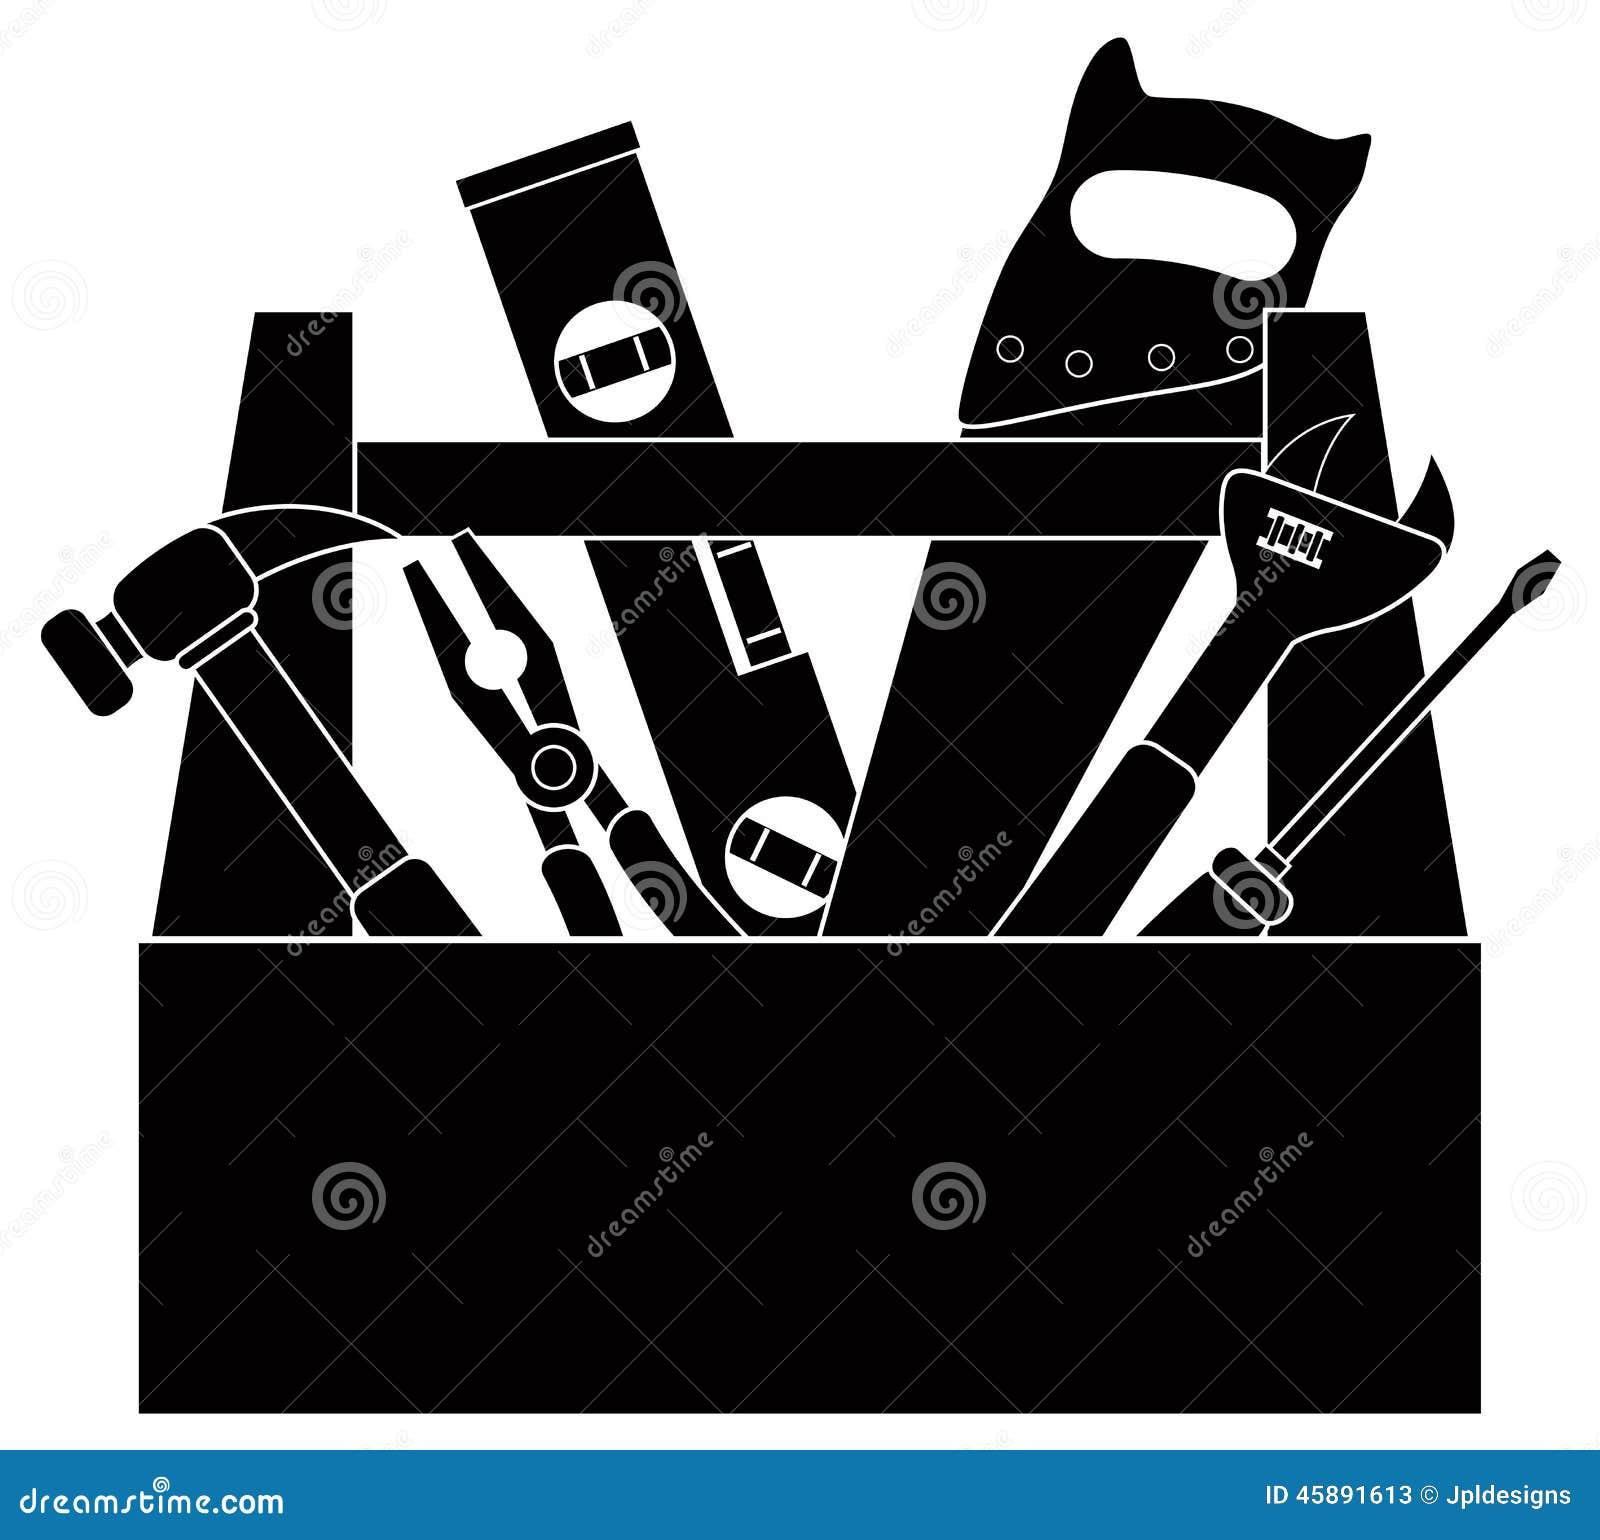 tools clip art black and white. construction tools in tool box black and white vector illustration 45891613 megapixl clip art